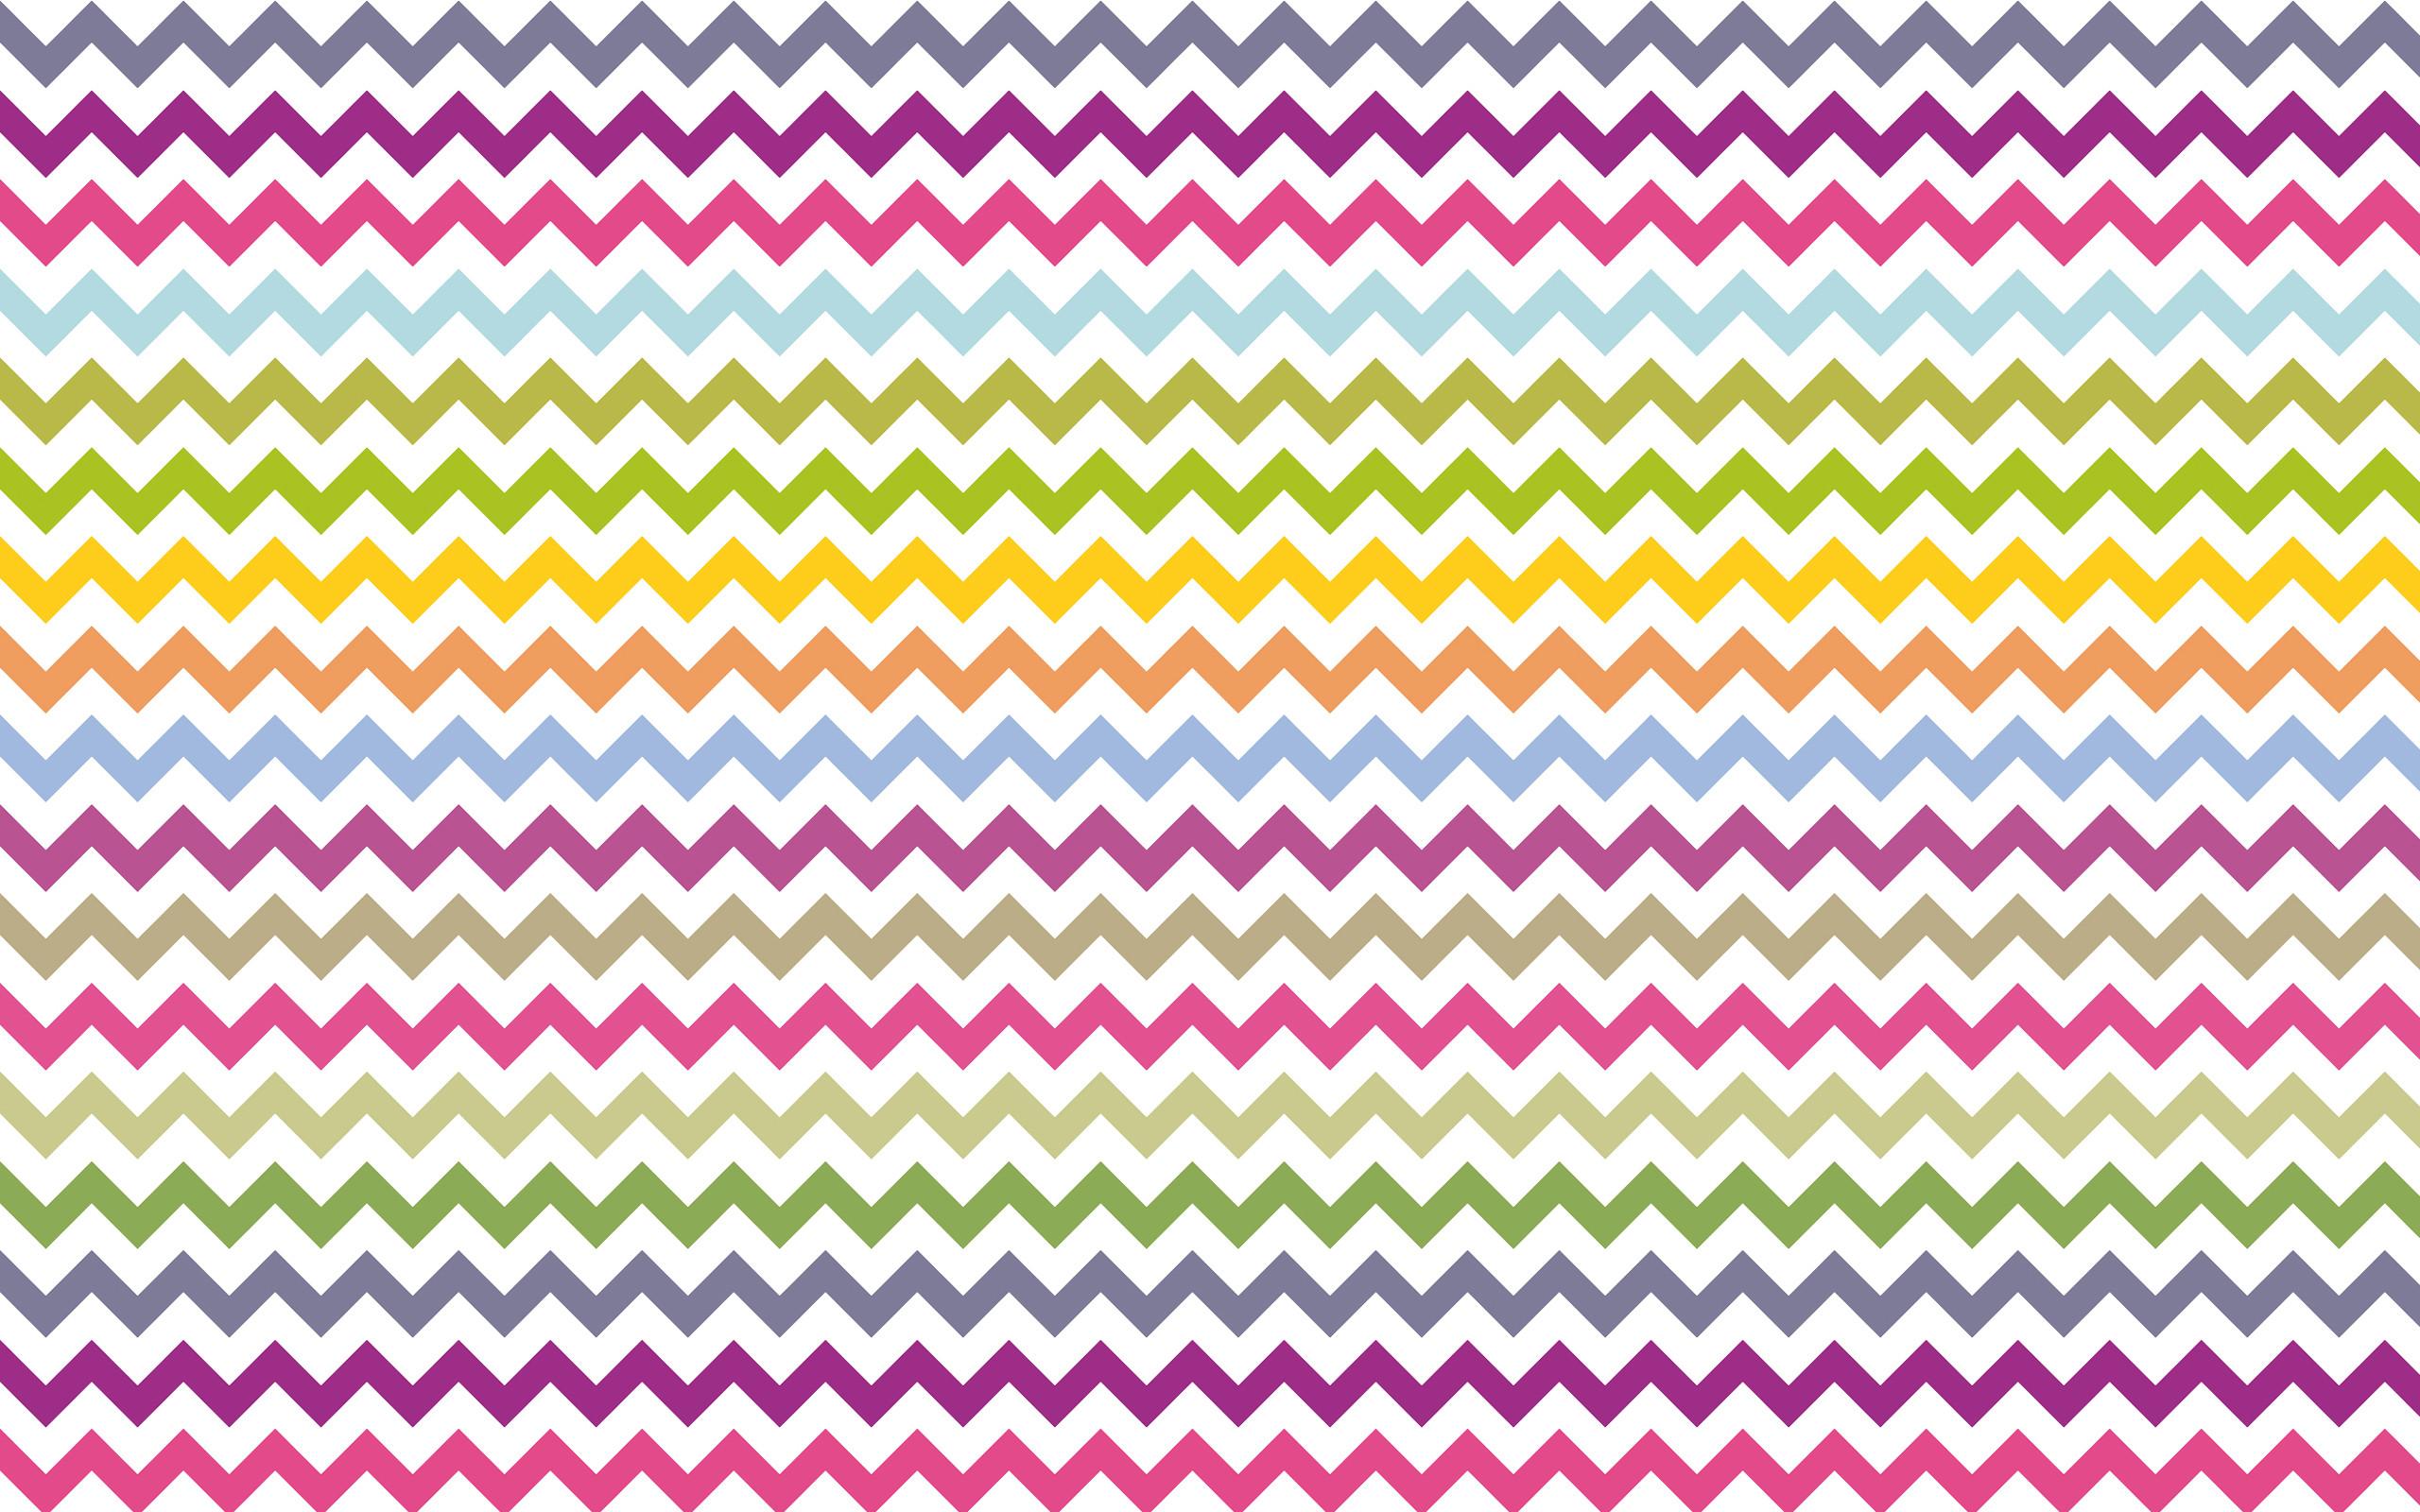 Cute Wallpaper Patterns